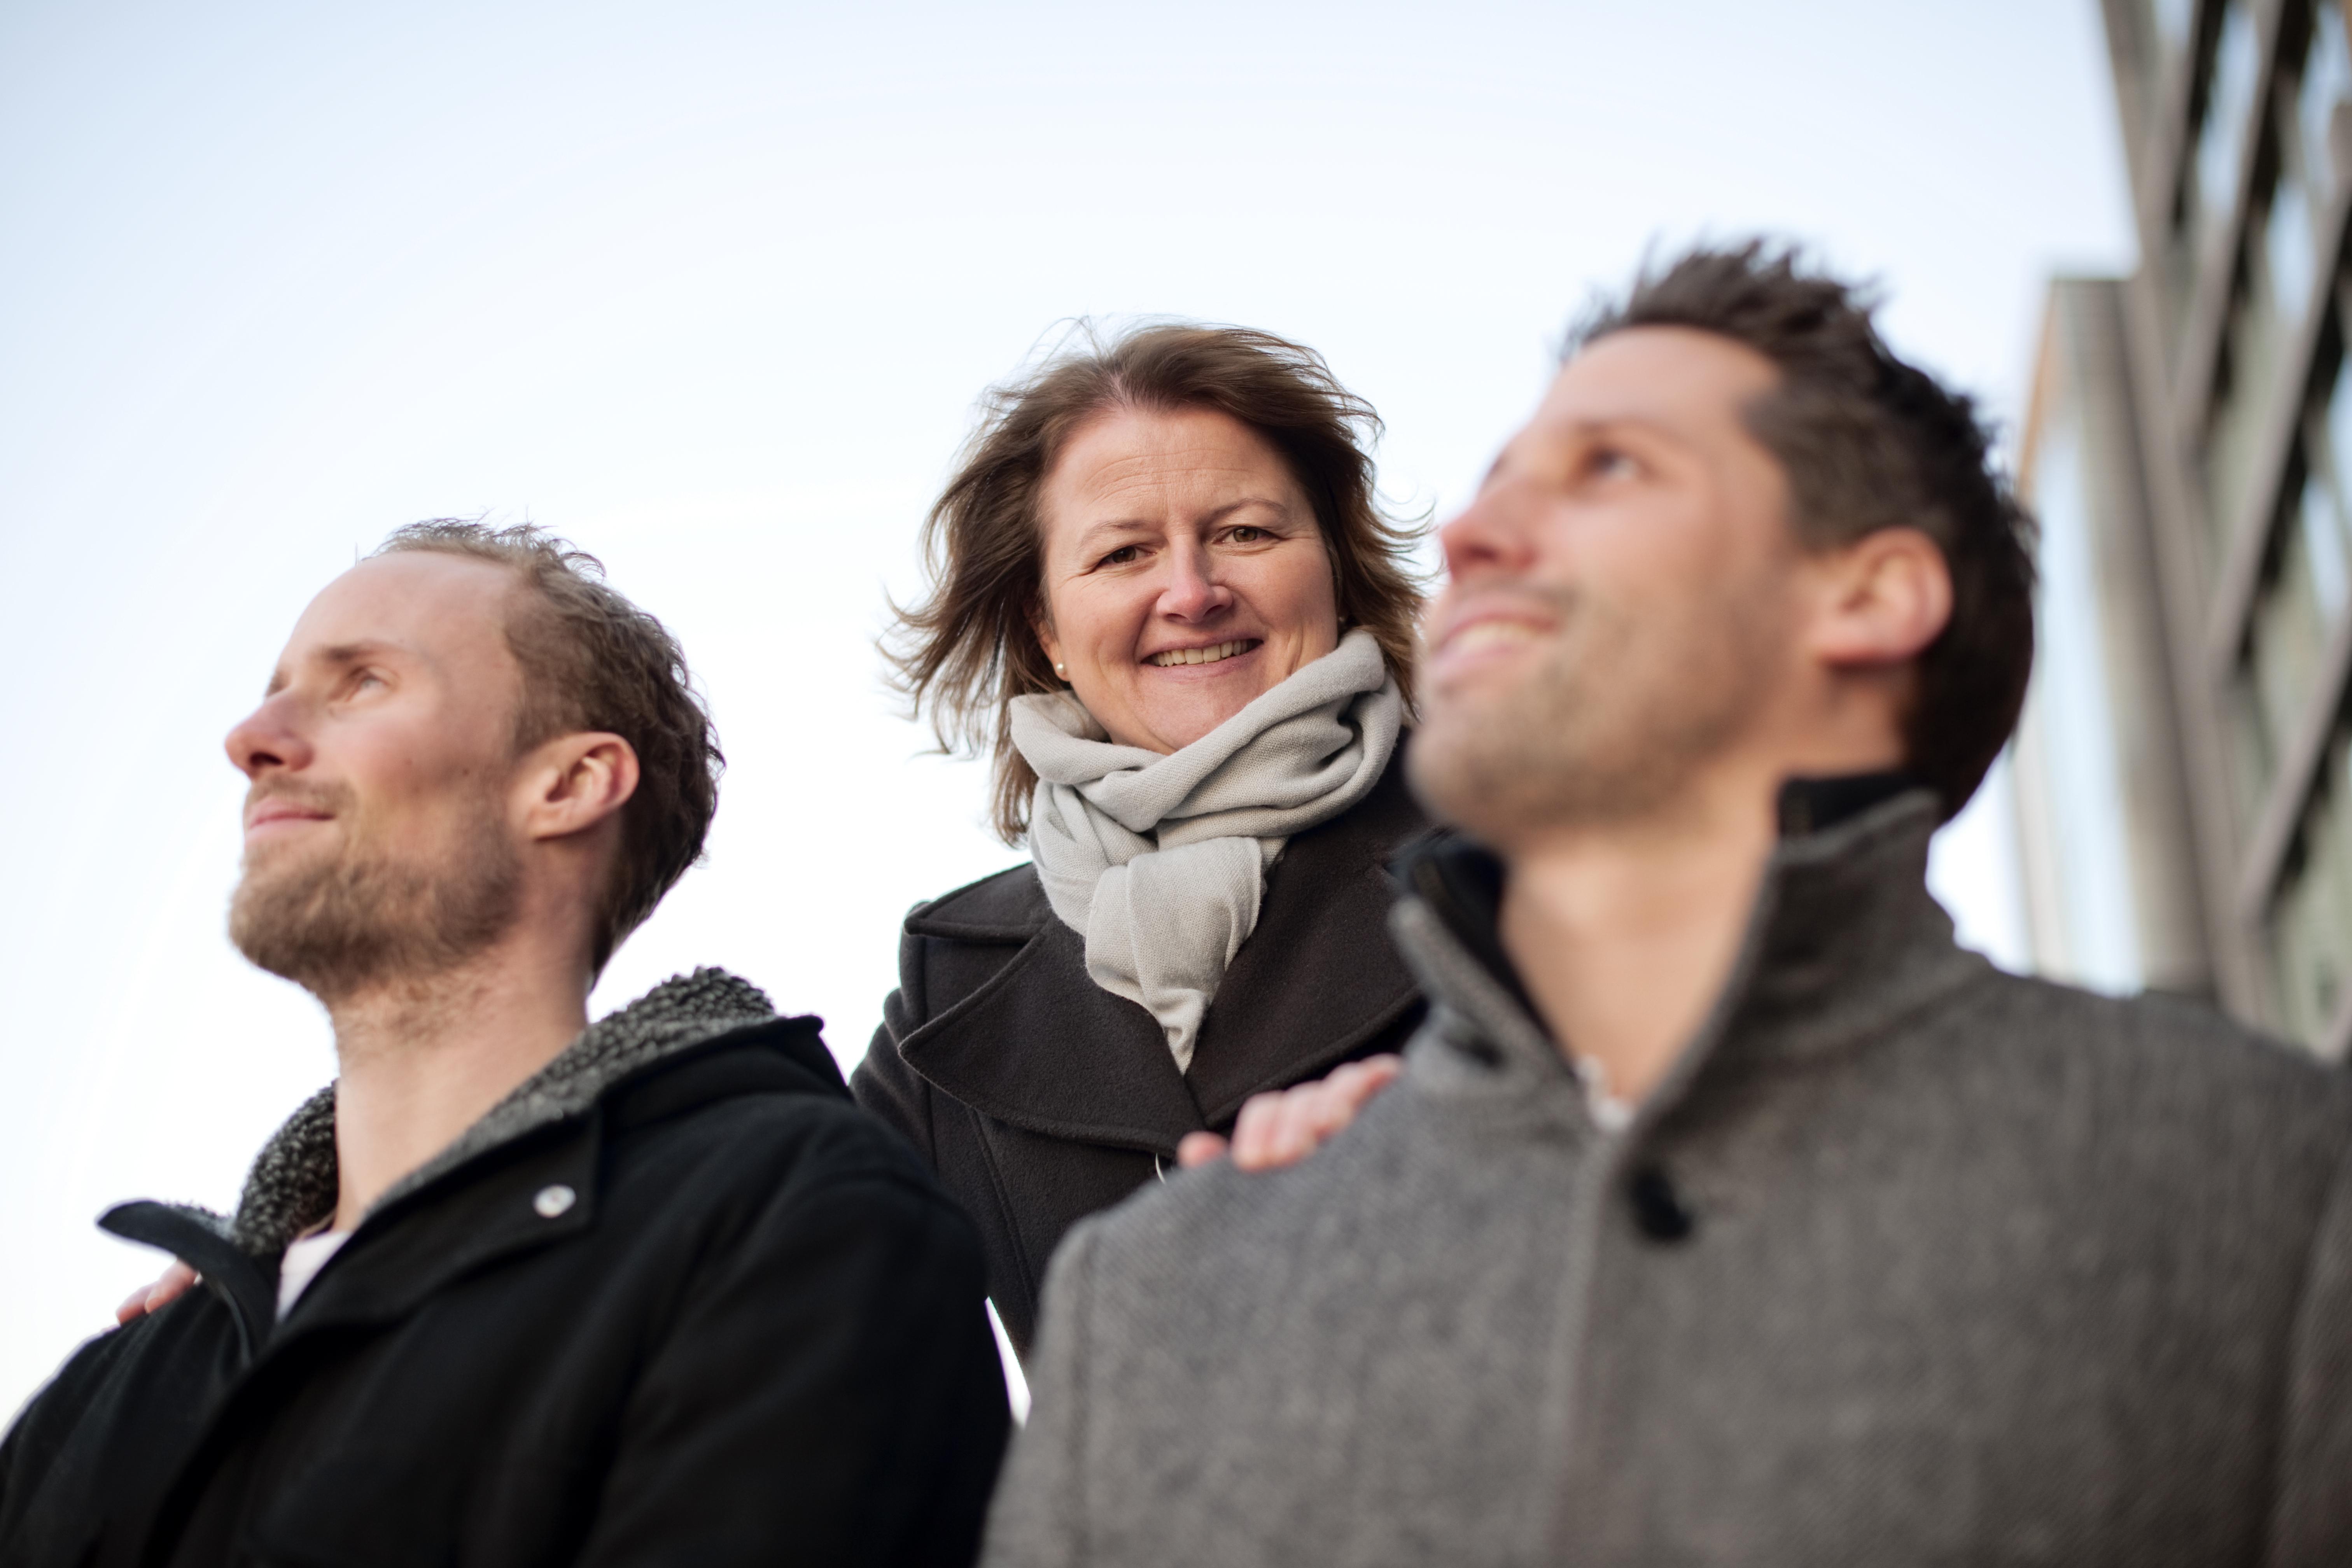 norske bedrifter går godt, sier Ellen Dokk Holm, småbedriftsøkonom i DNB.